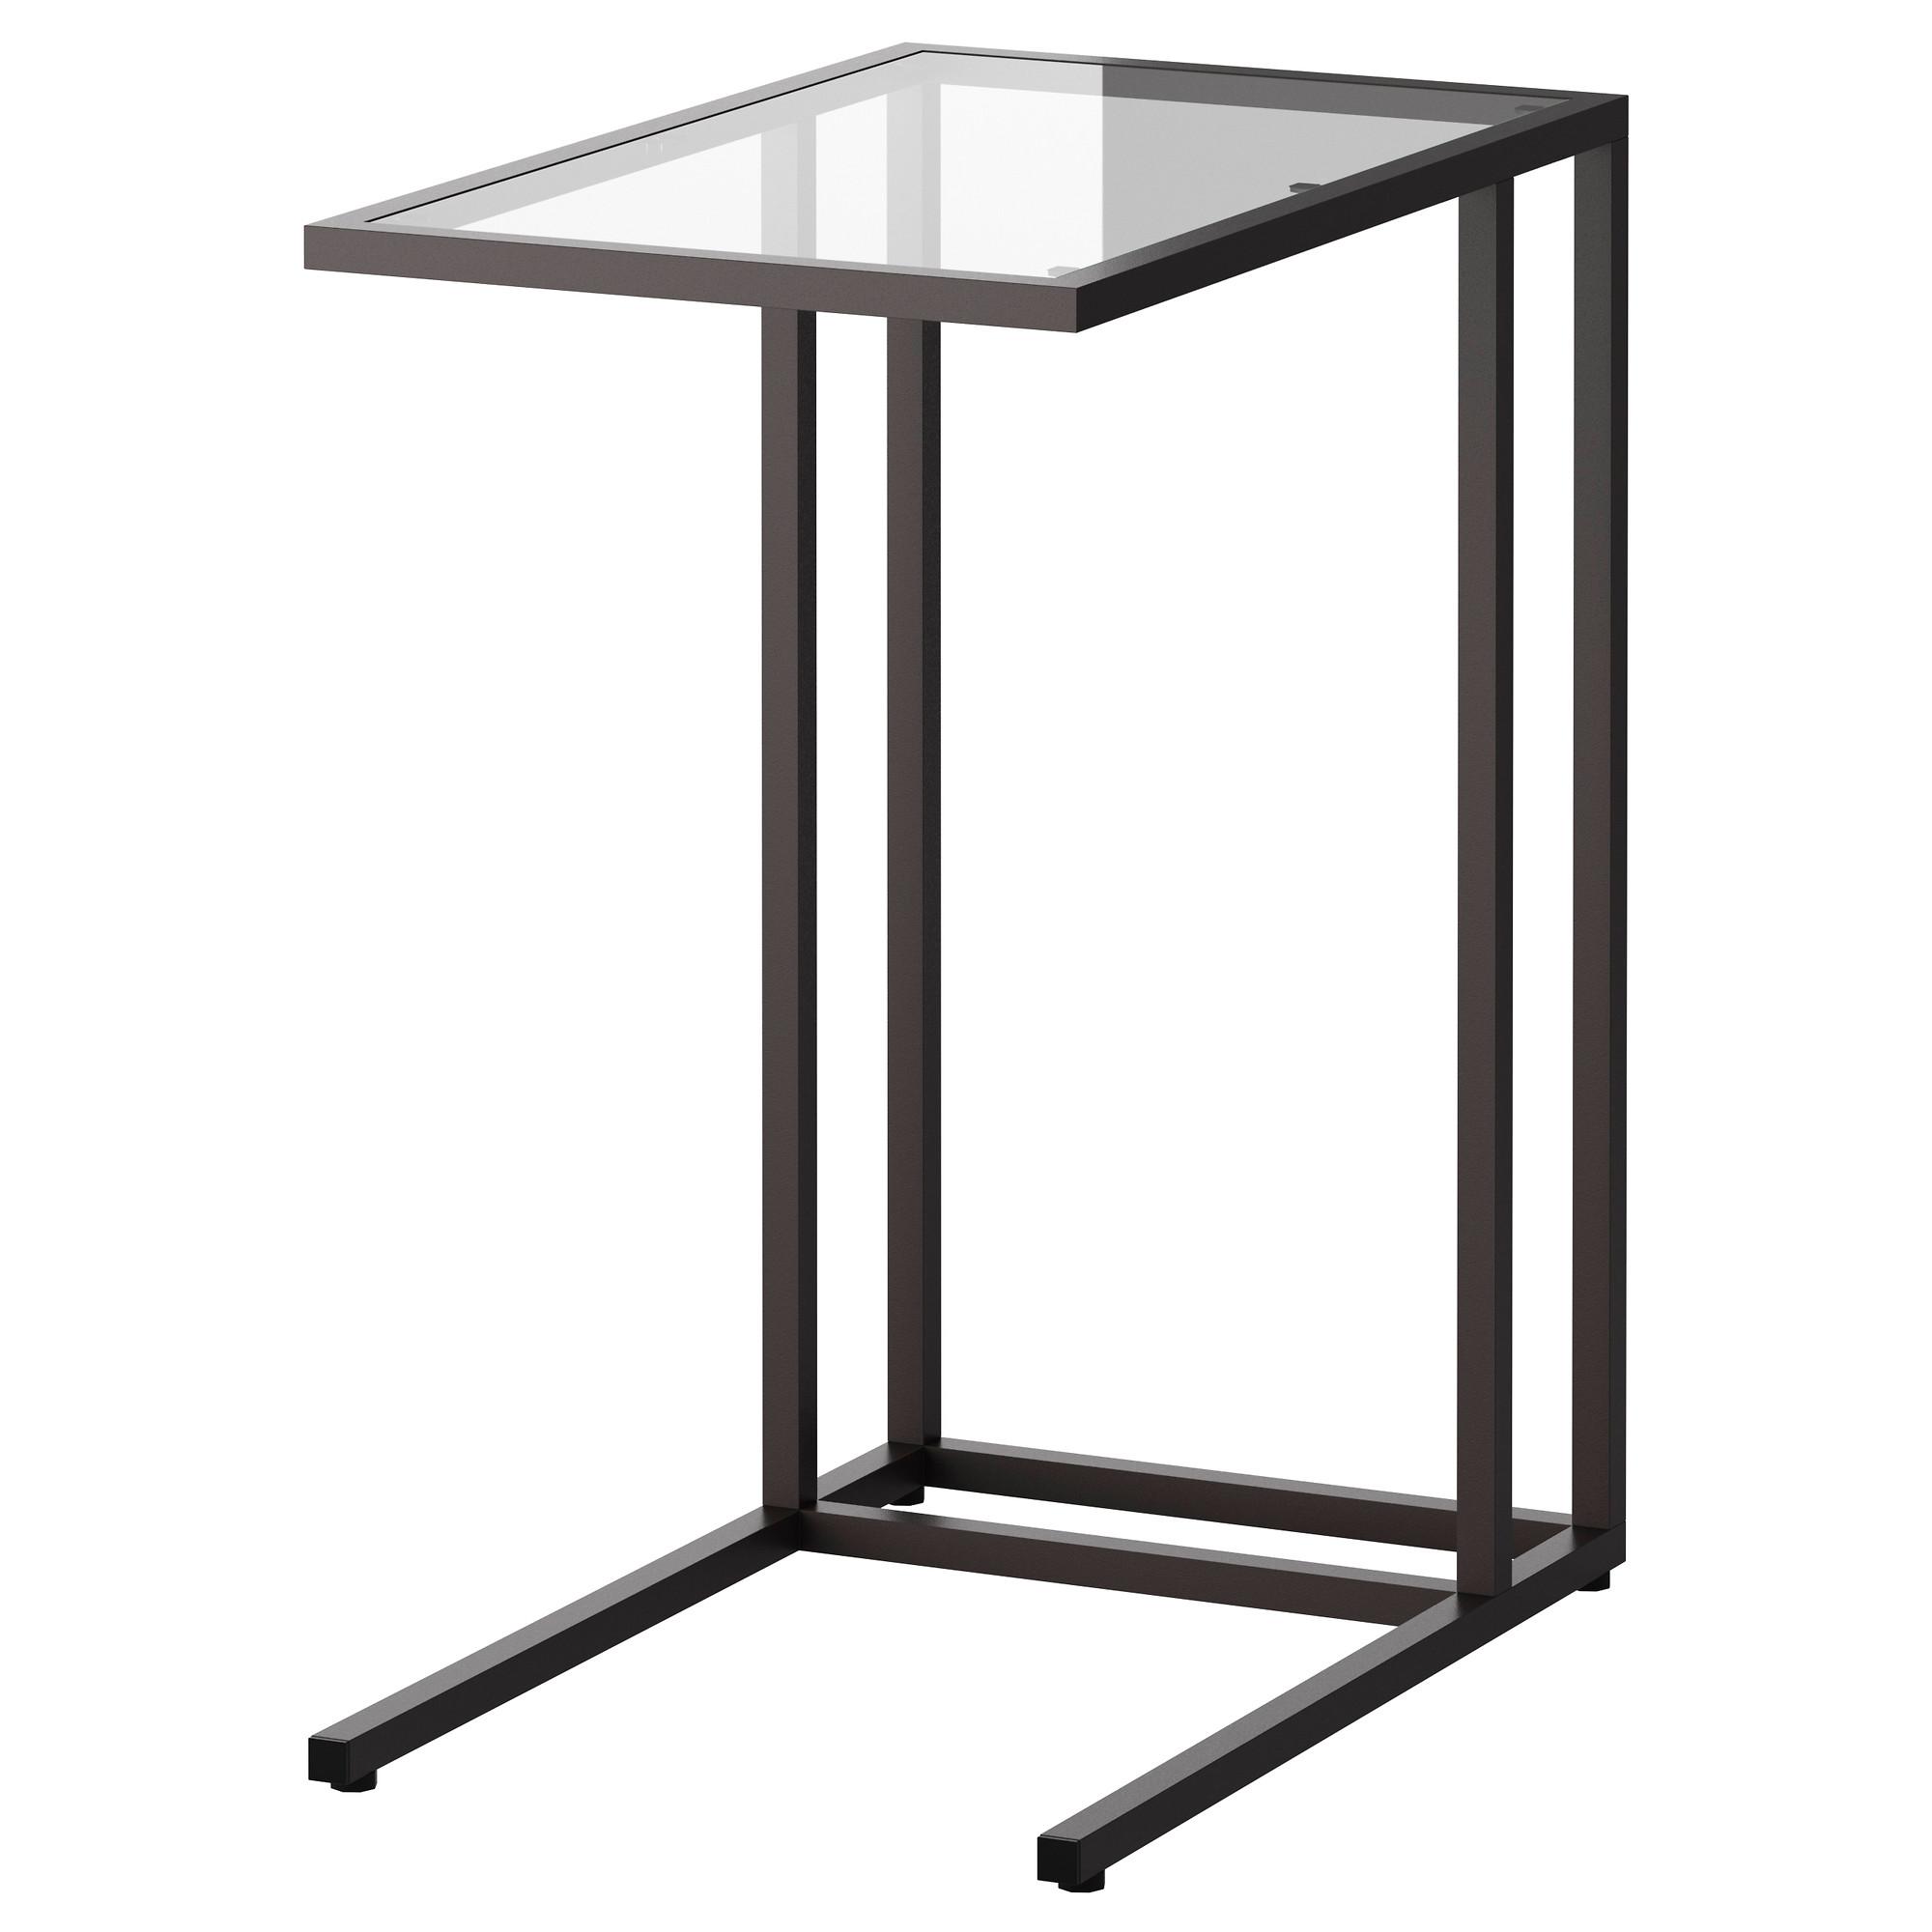 筆記型電腦桌, , 黑棕色 / 玻璃, 35x55x65 公分, 另有白色及其他尺寸可選擇